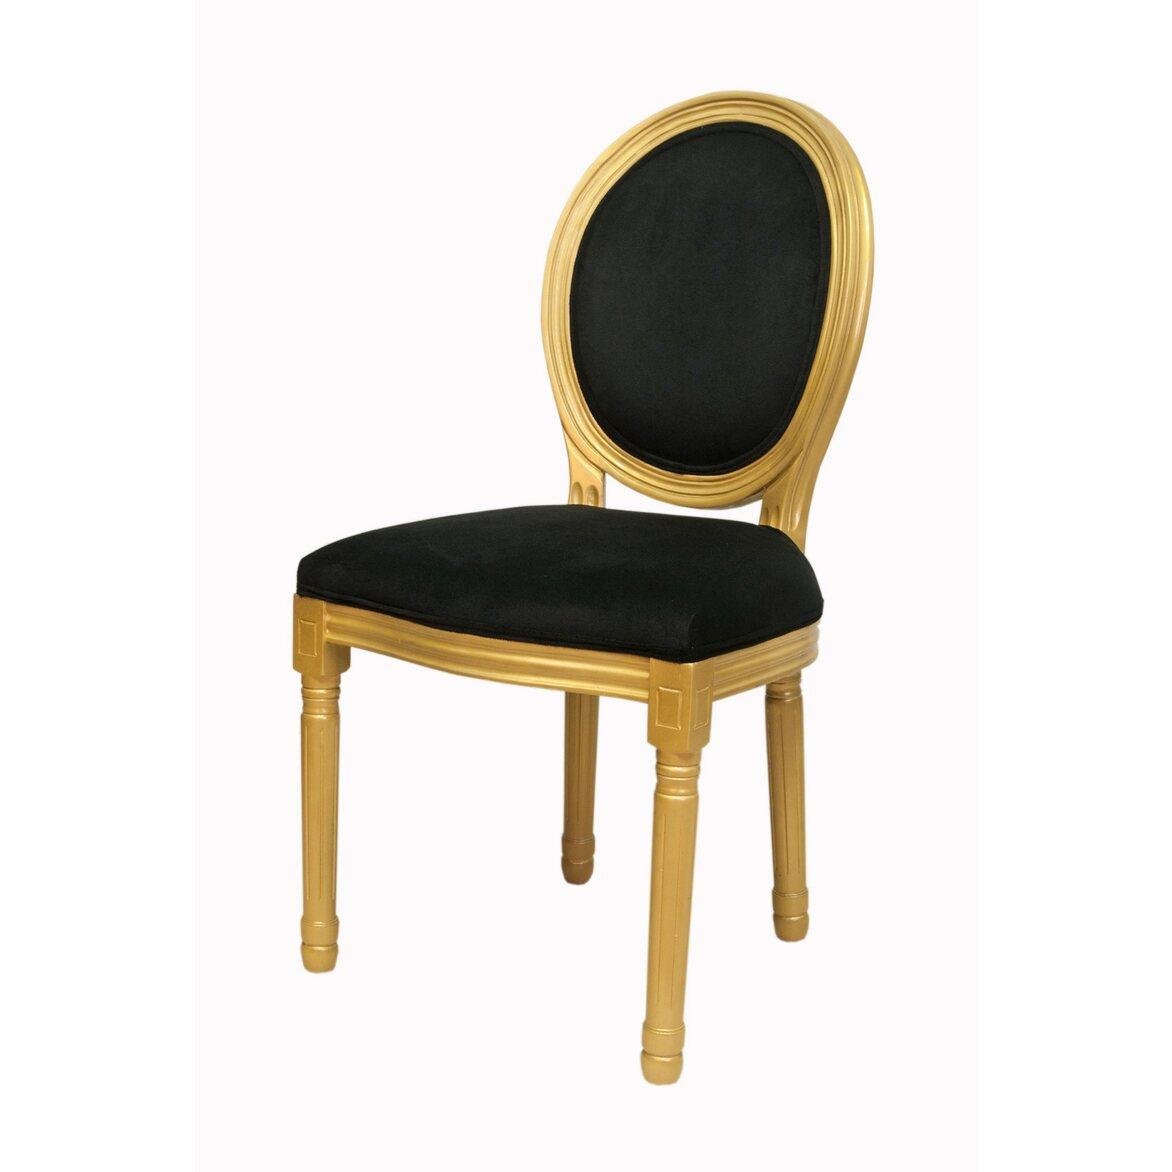 Стул Volker black gold 4 | Обеденные стулья Kingsby